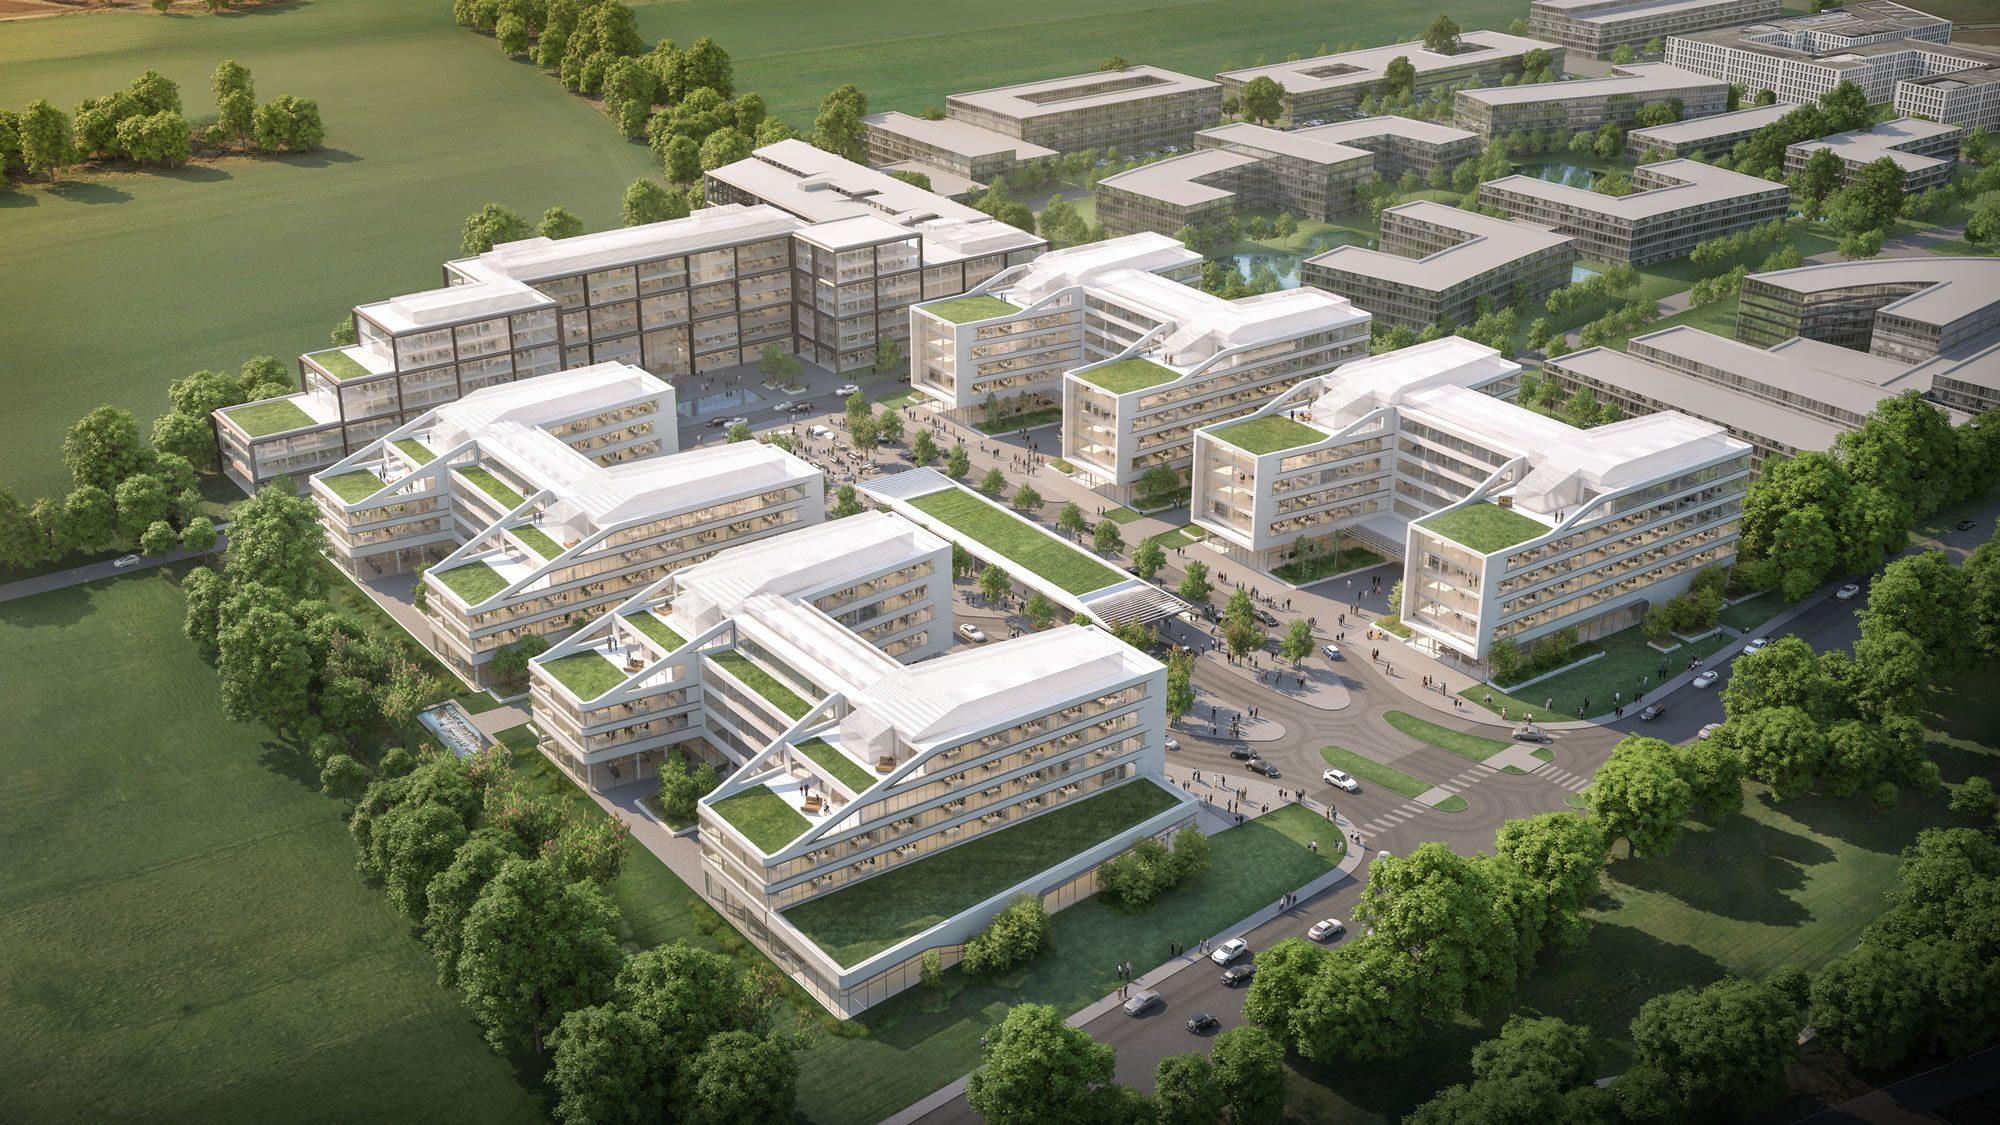 Koryfeum_02 Vogelperspektive Campus Phase II 010_Koryfeum Unterschleissheim